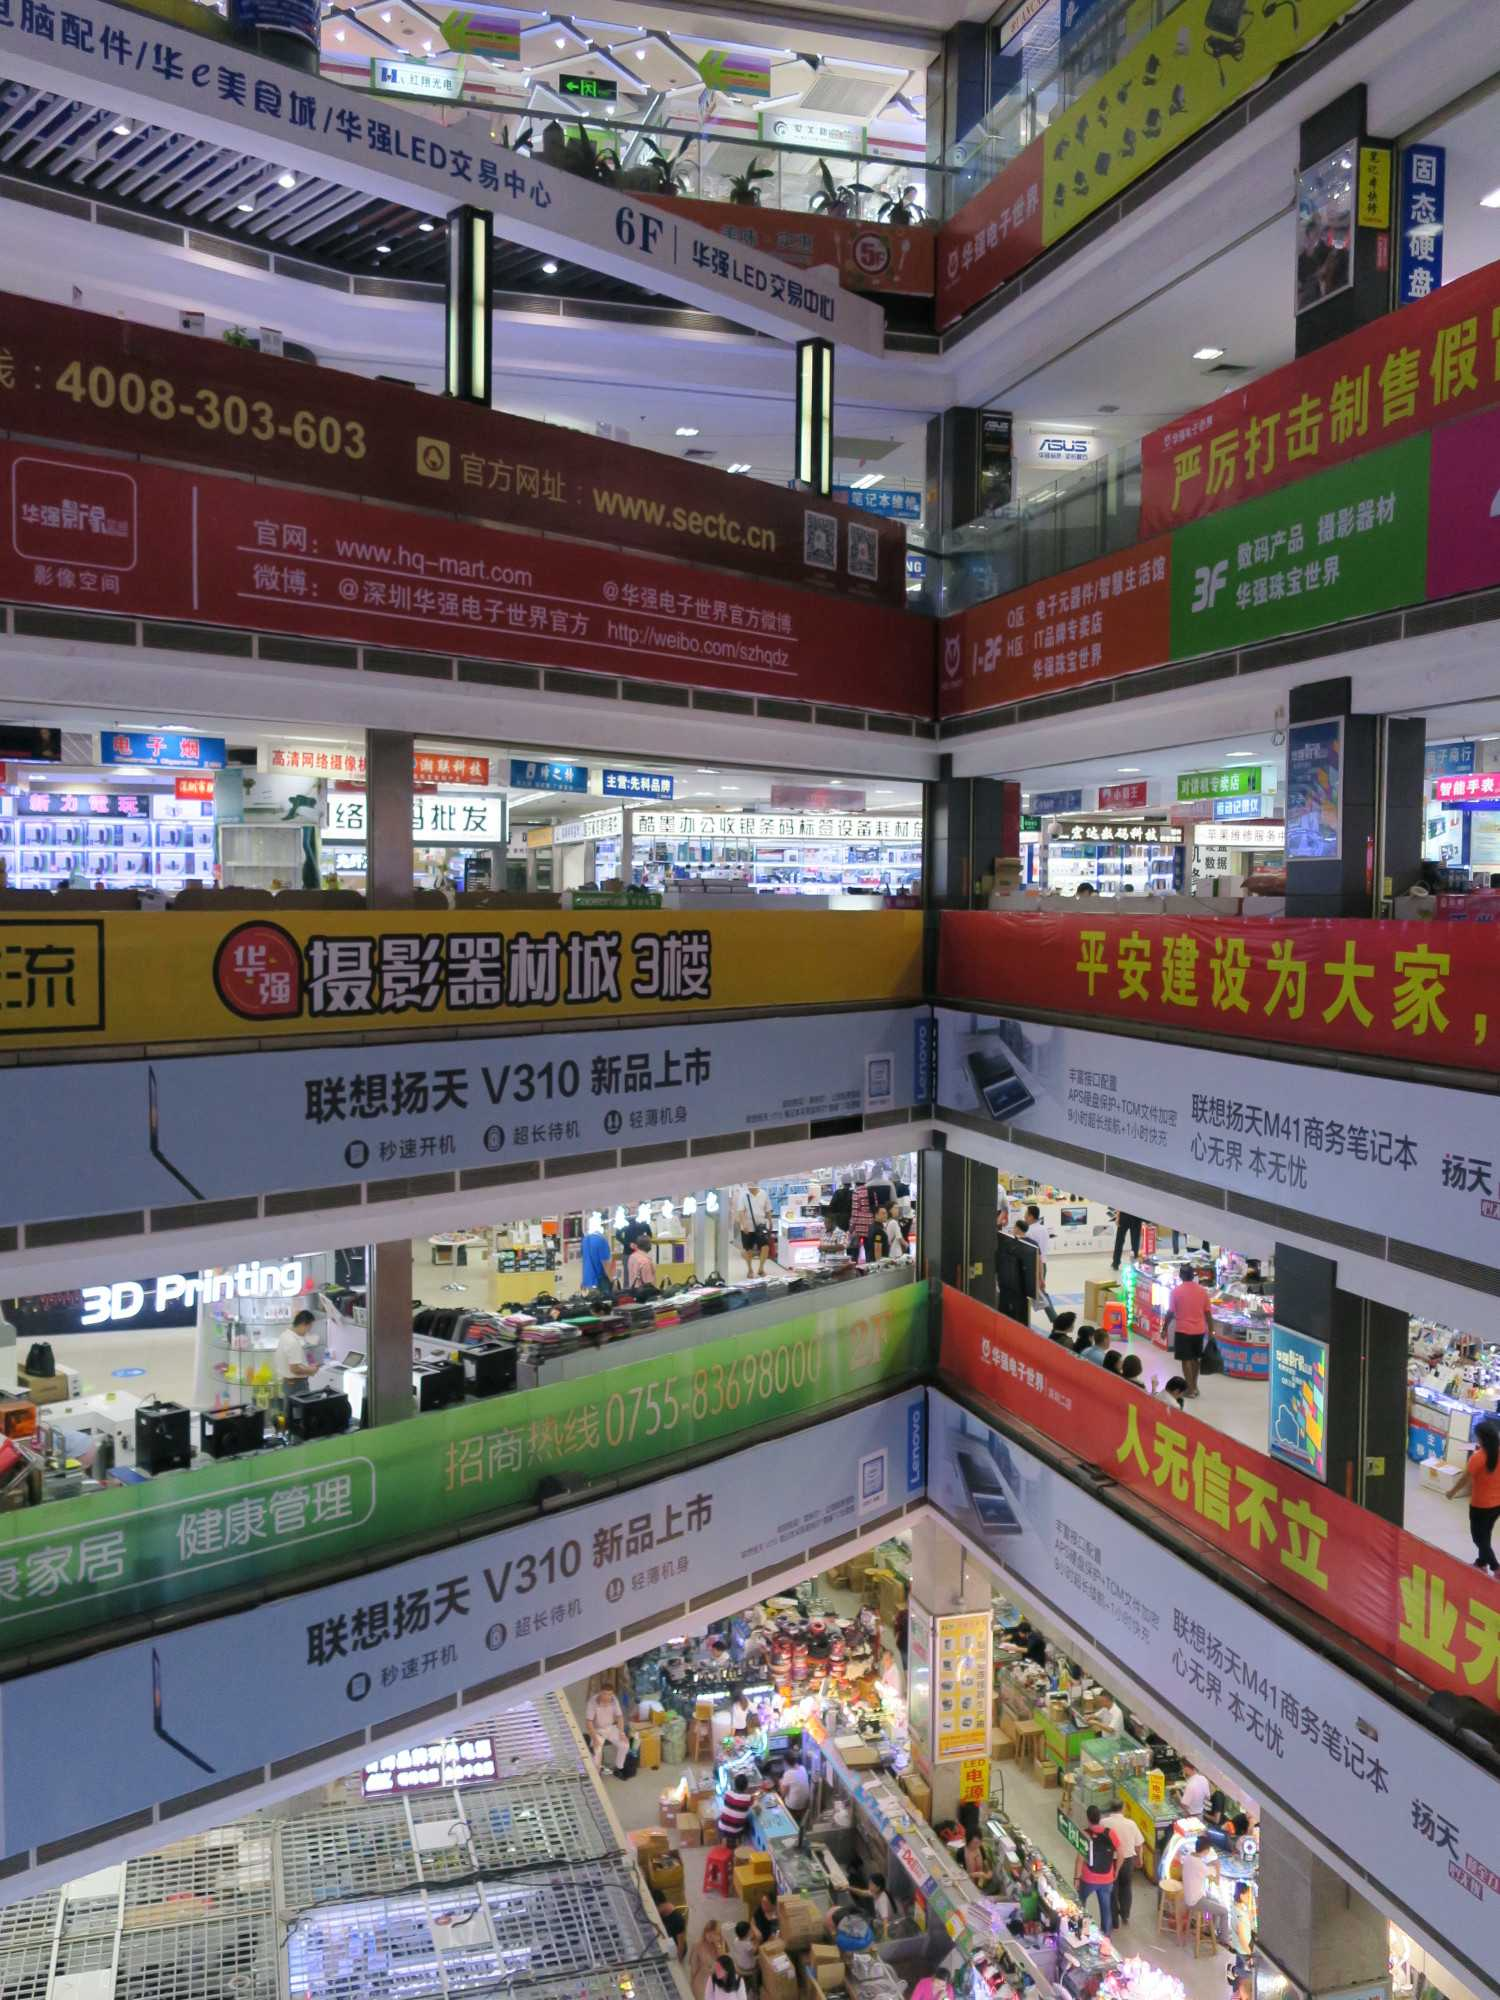 Innenansicht eines mehrstöckigen Elektronikkaufhaus in Shenzhen, China